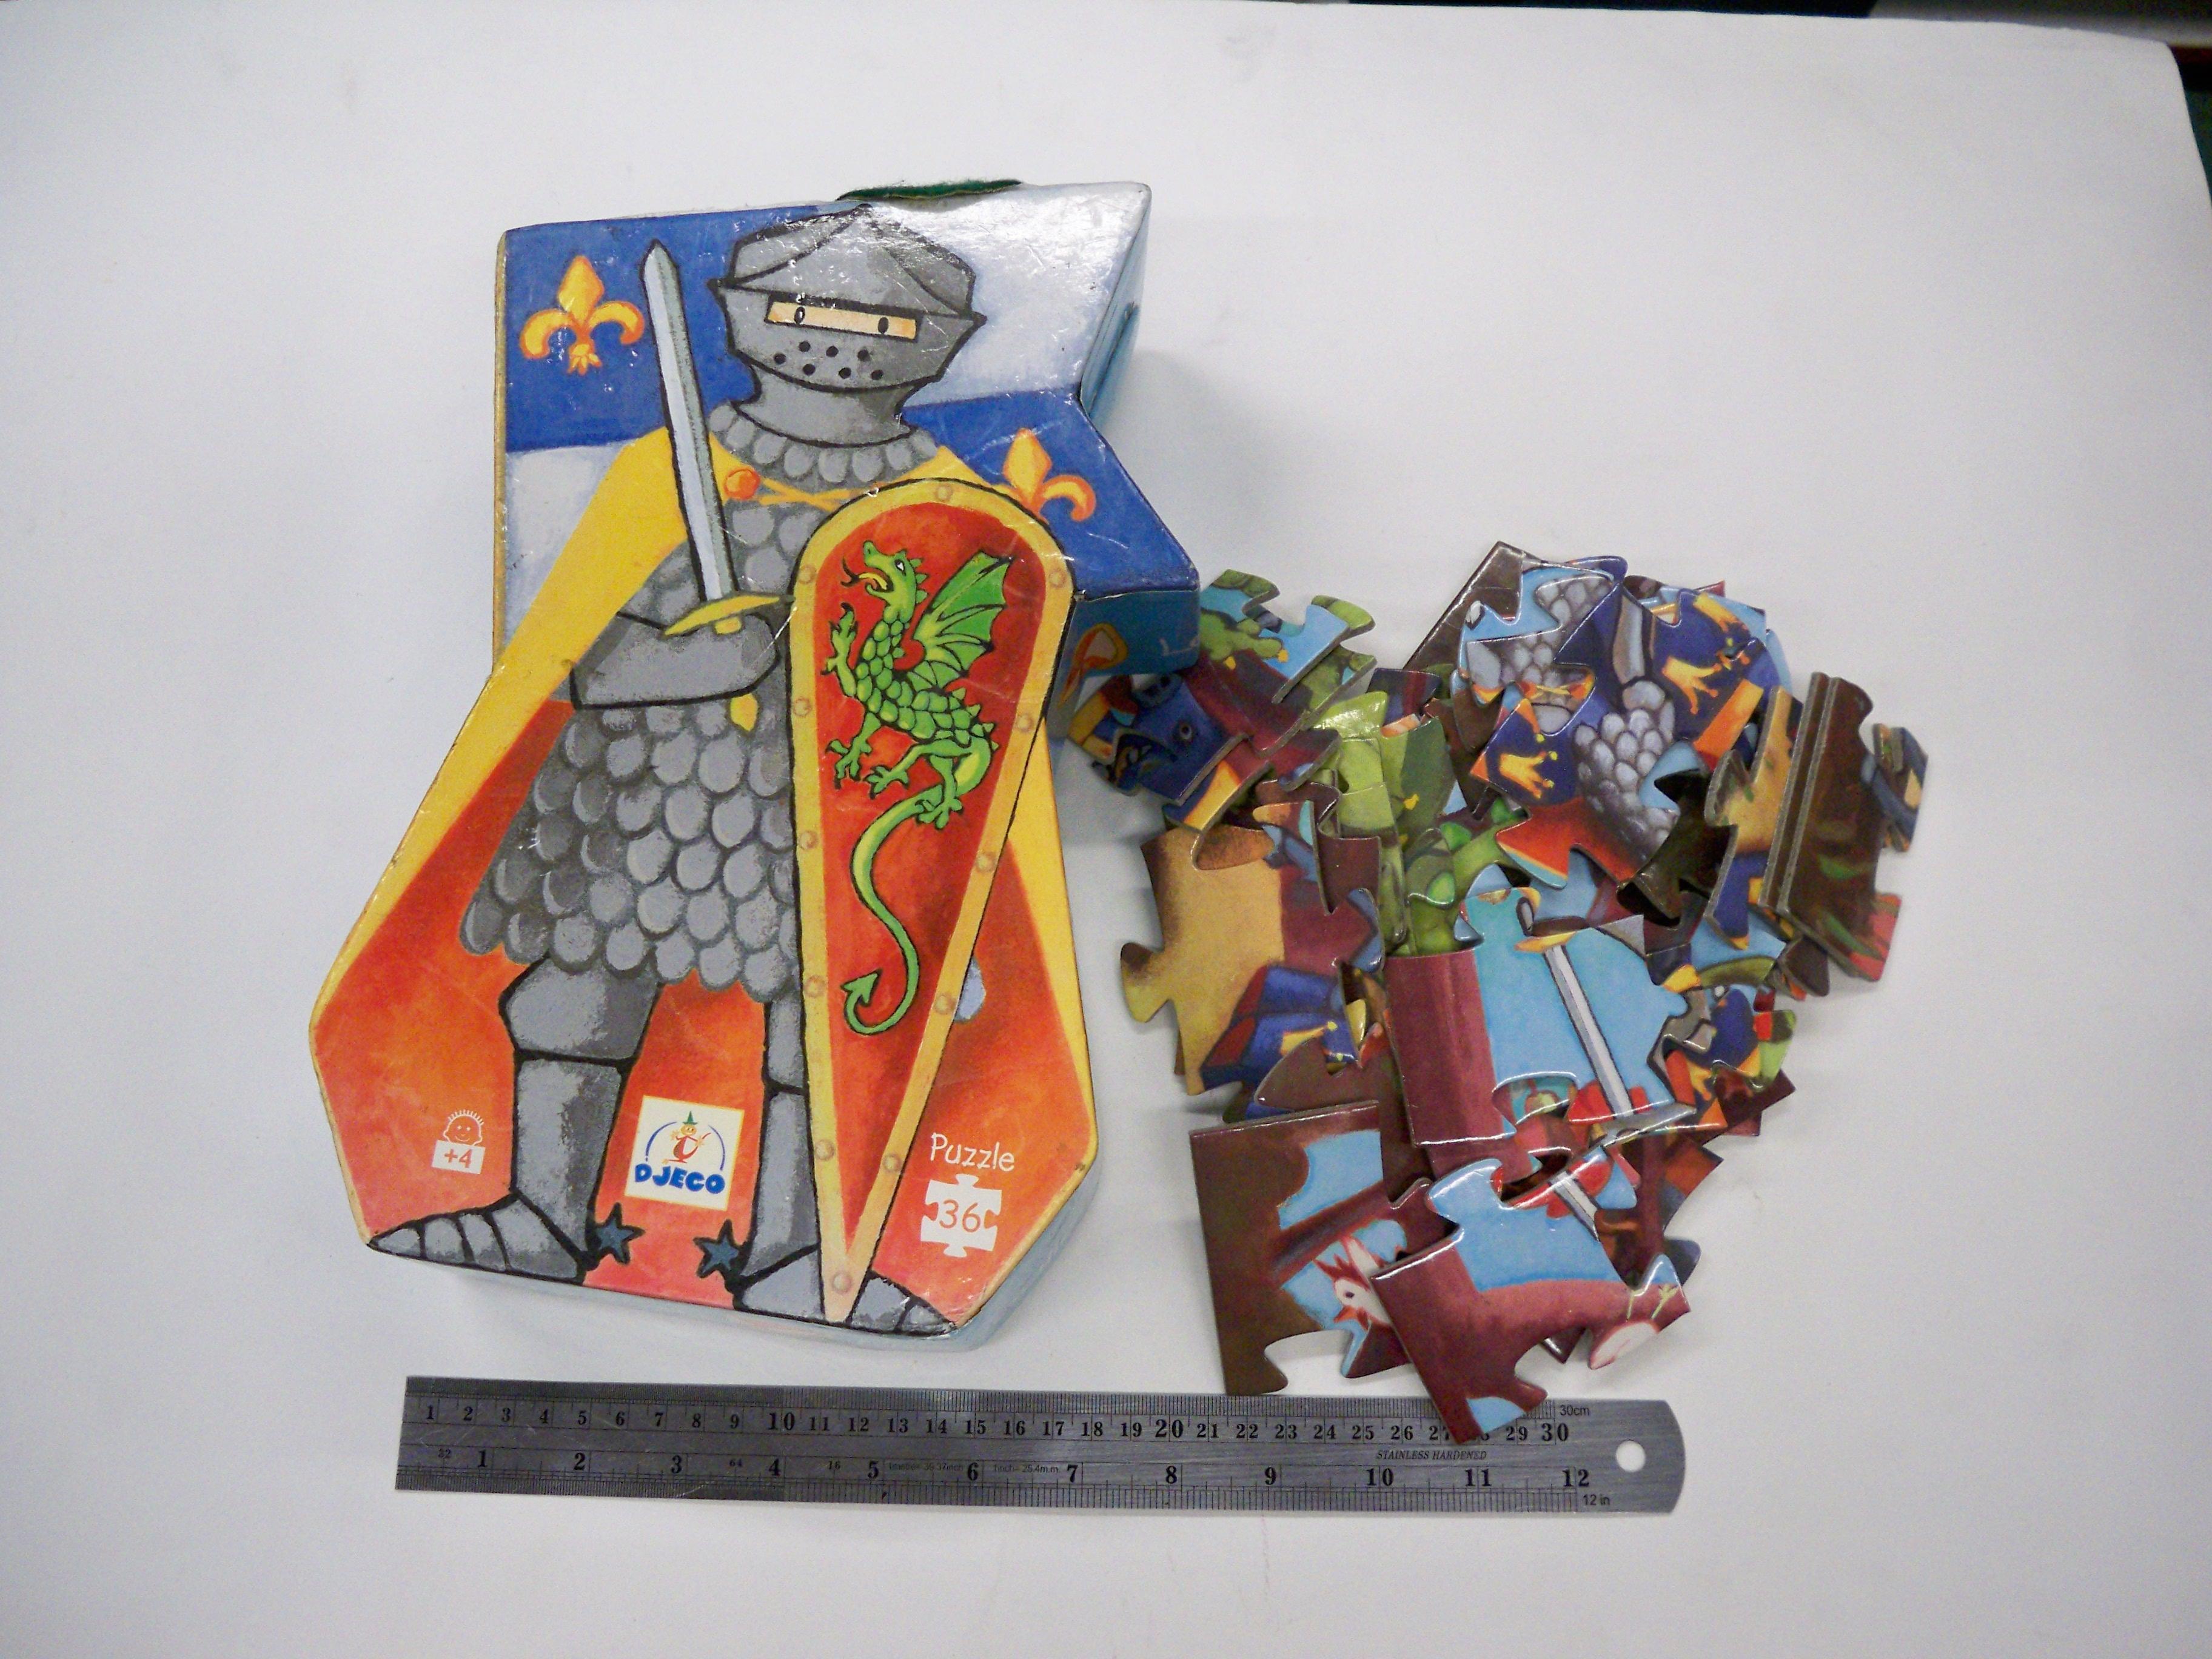 DJEGO Puzzle 36 ชิ้นรูปอัศวิน มือสอง